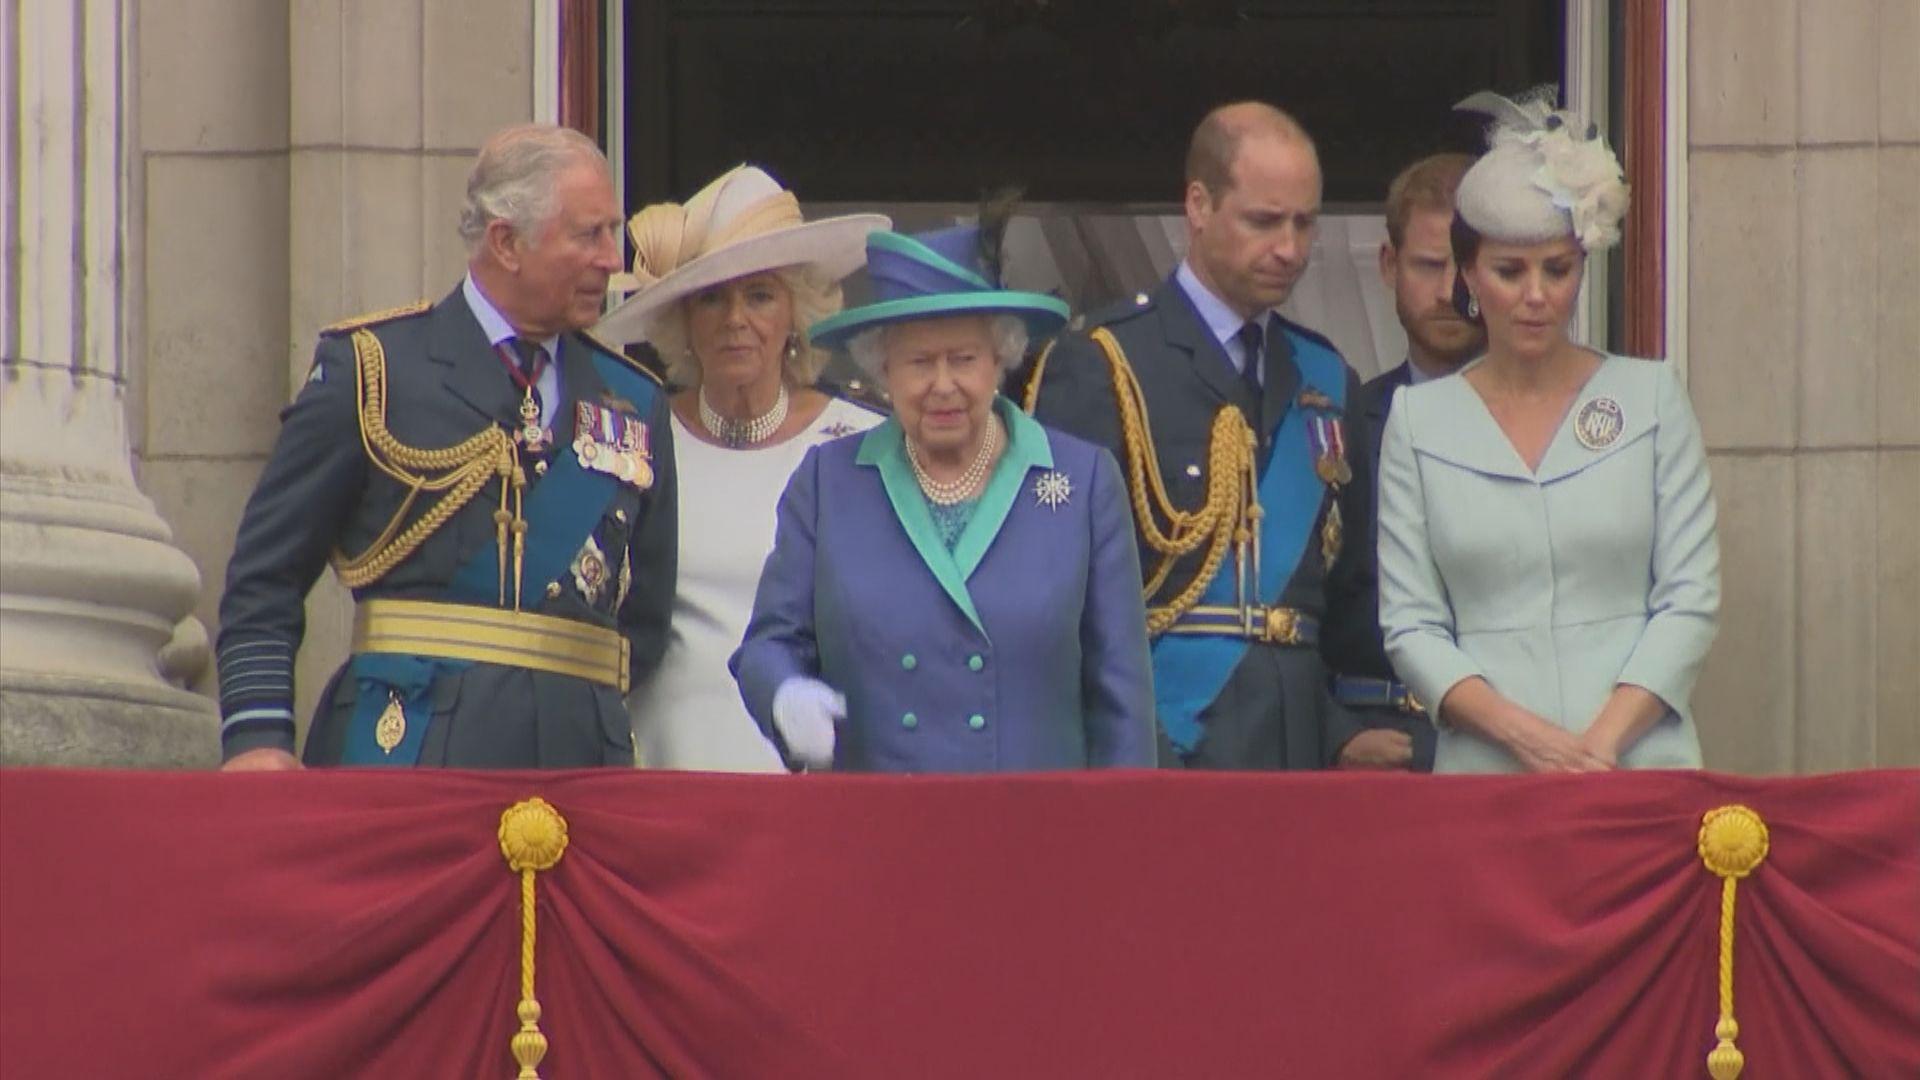 英女王:短期內敲定哈里夫婦淡出王室高層事務安排